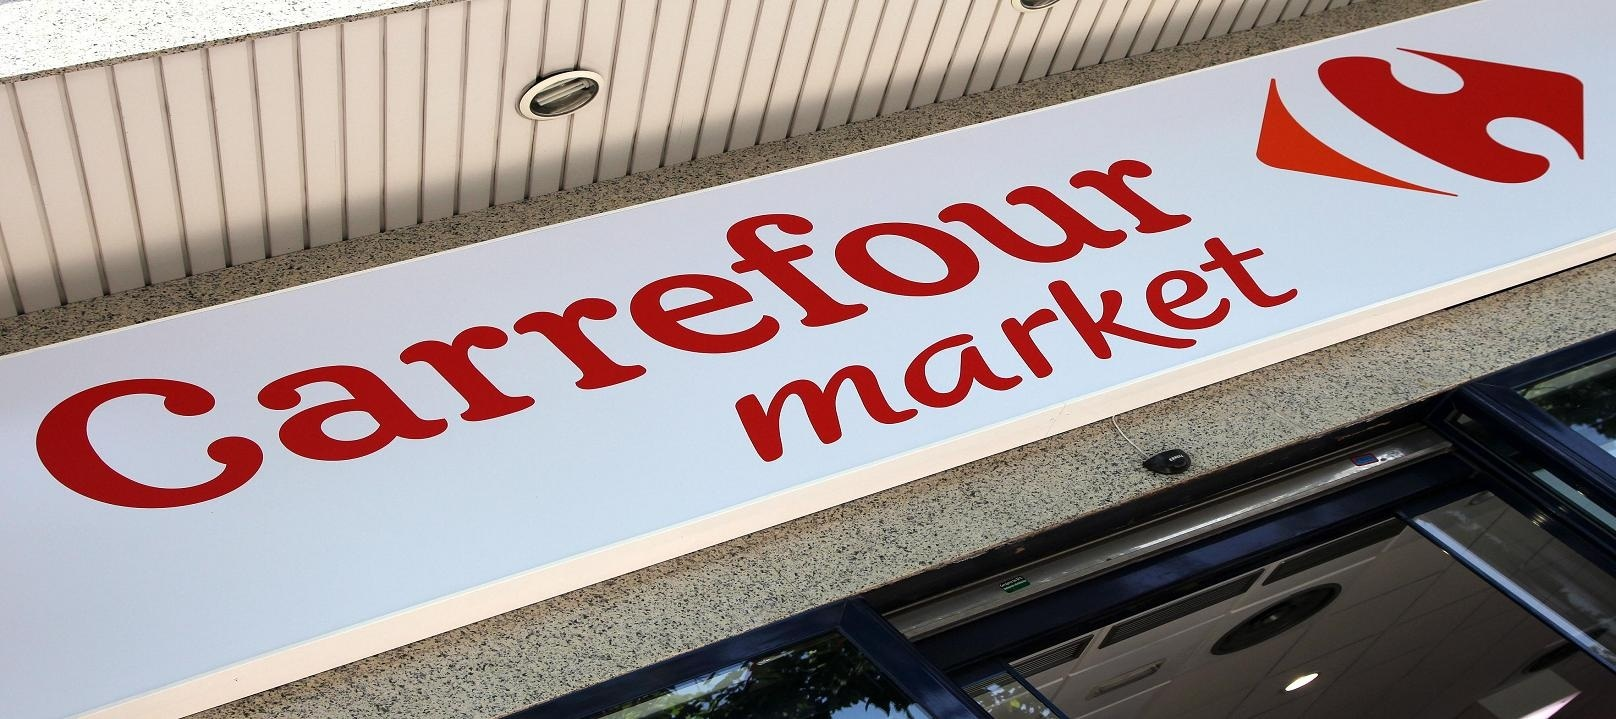 Un juzgado obliga a Carrefour a que una empleada elija horario al reducir jornada